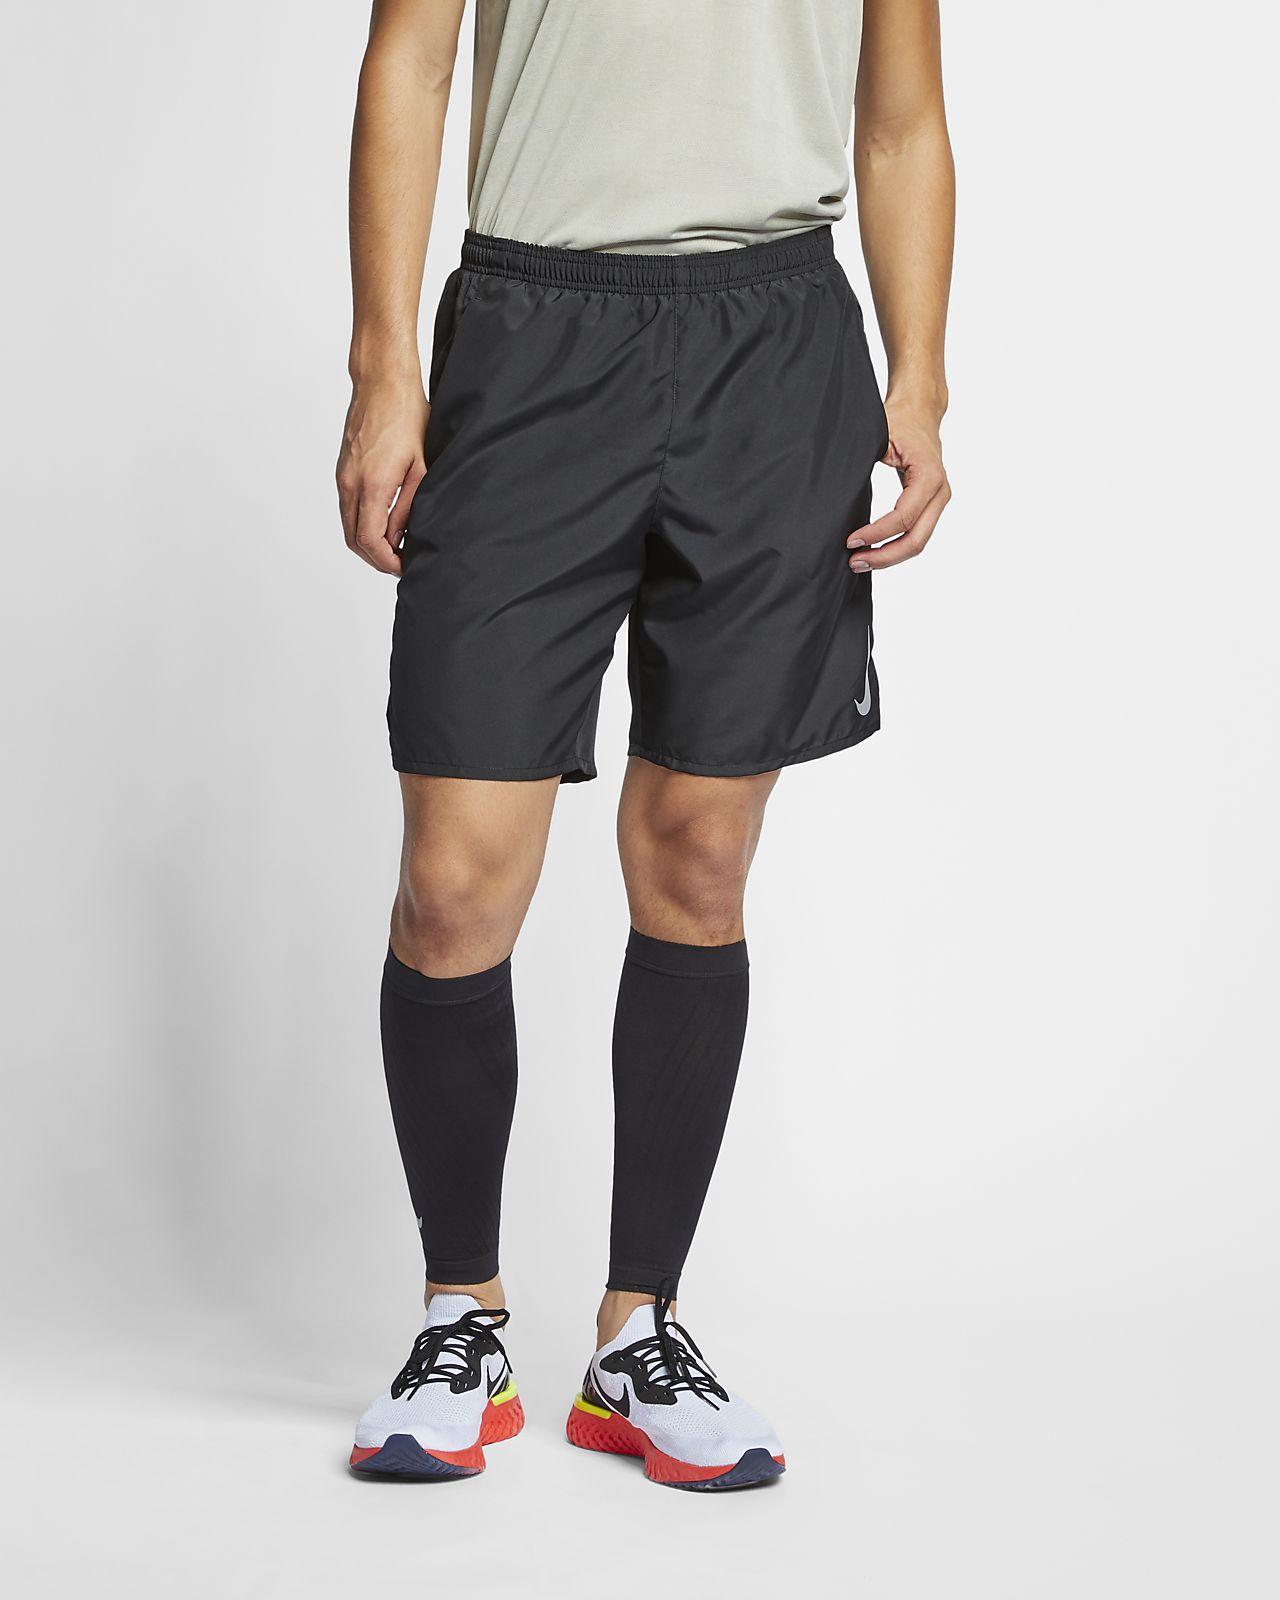 Nike Challenger Pantalón corto de running de 23 cm con forro de slip - Hombre